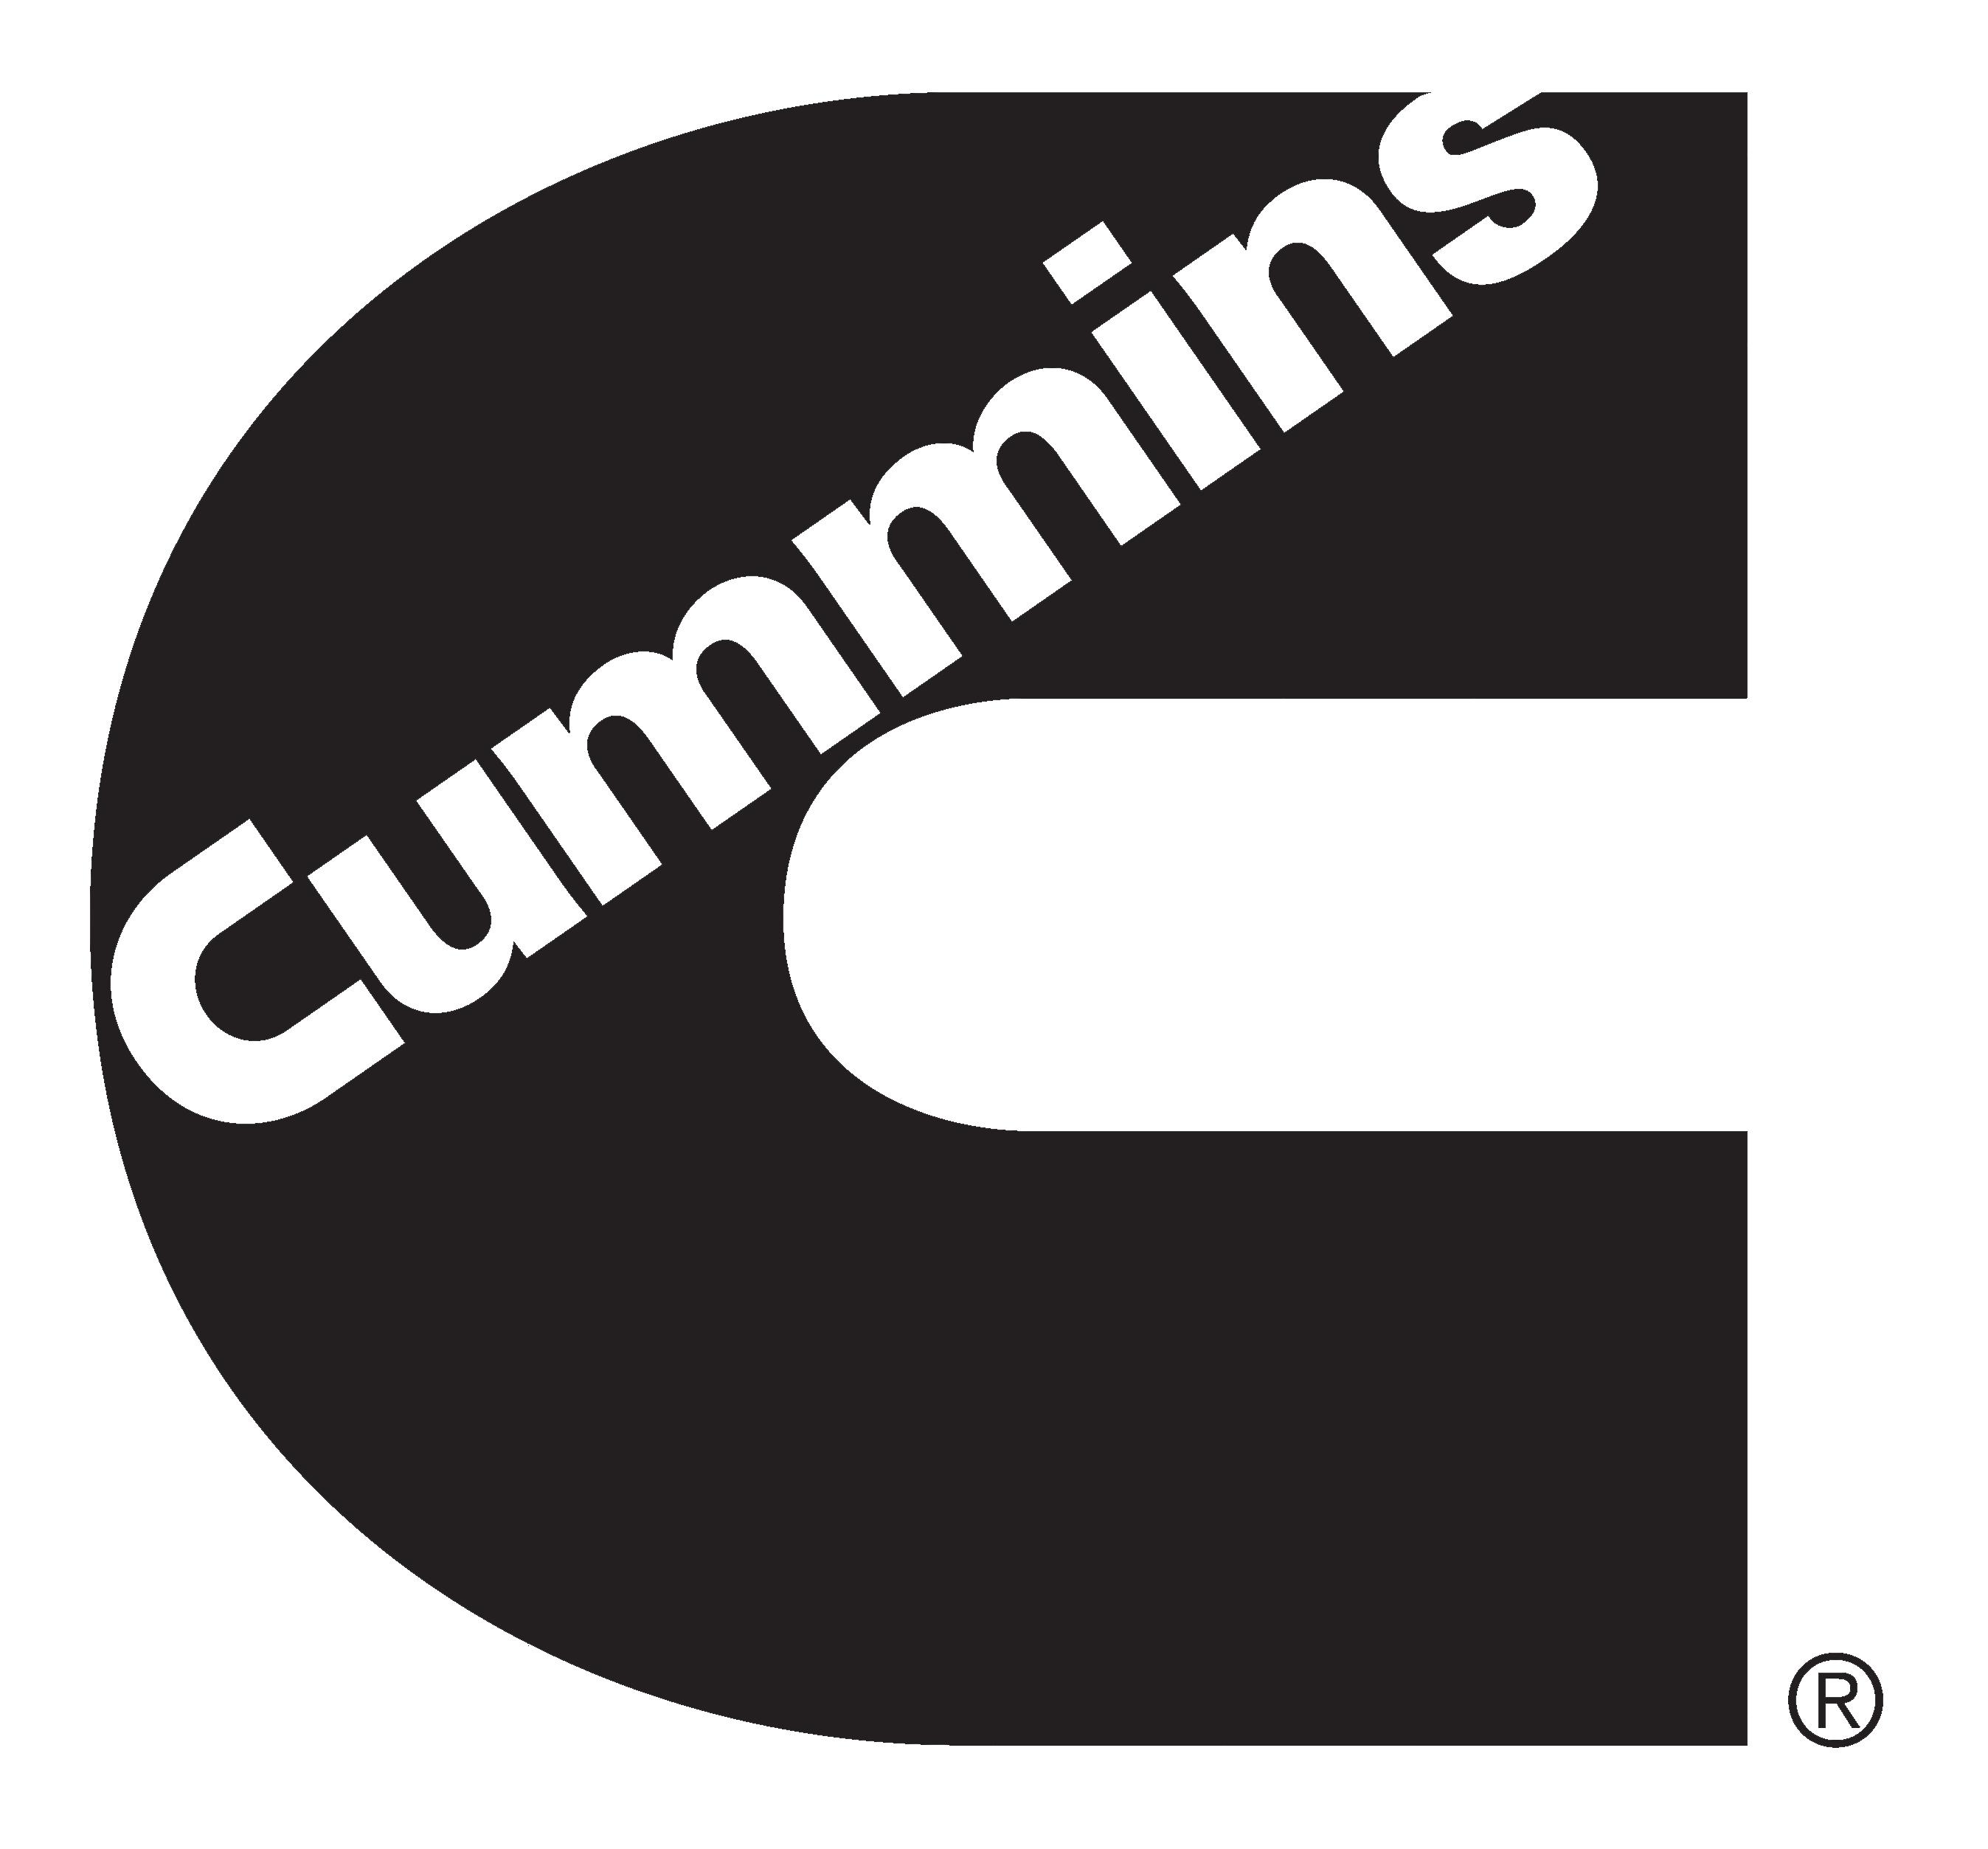 Cummins Logo Png Image Logos Cummins Png Images